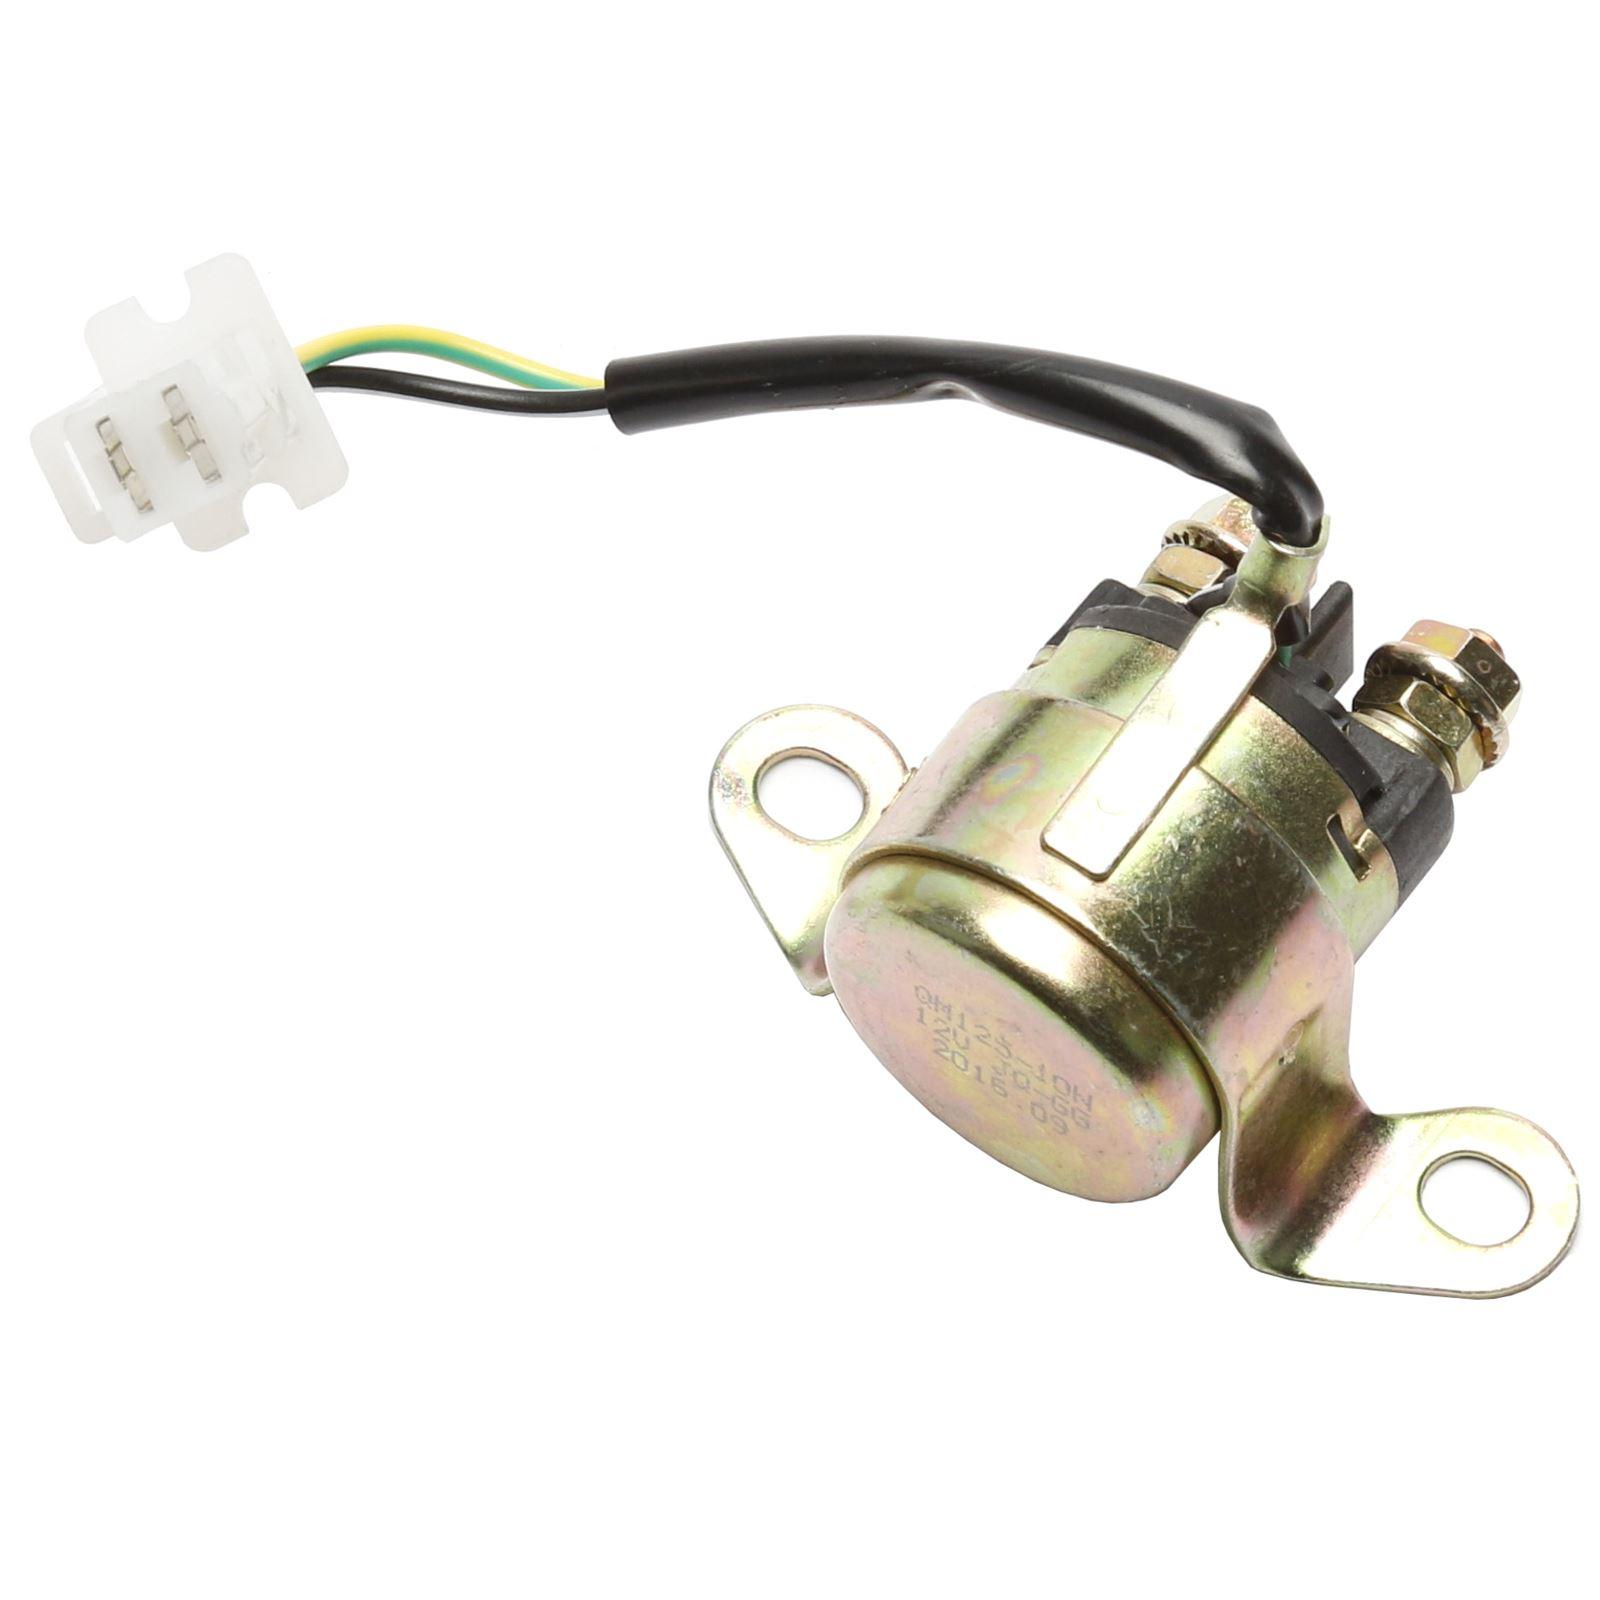 Starter Motor for Bullit Hero 125 K157 FMI BRAND NEW